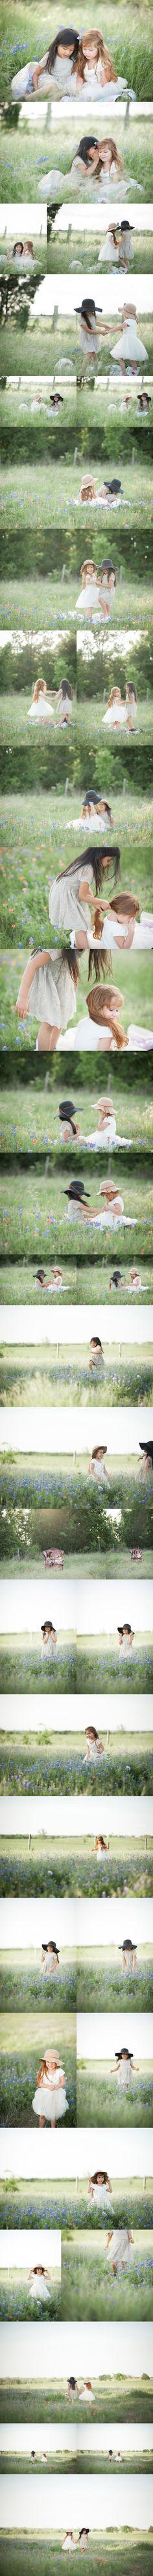 good times | Houston TX Child Photographer